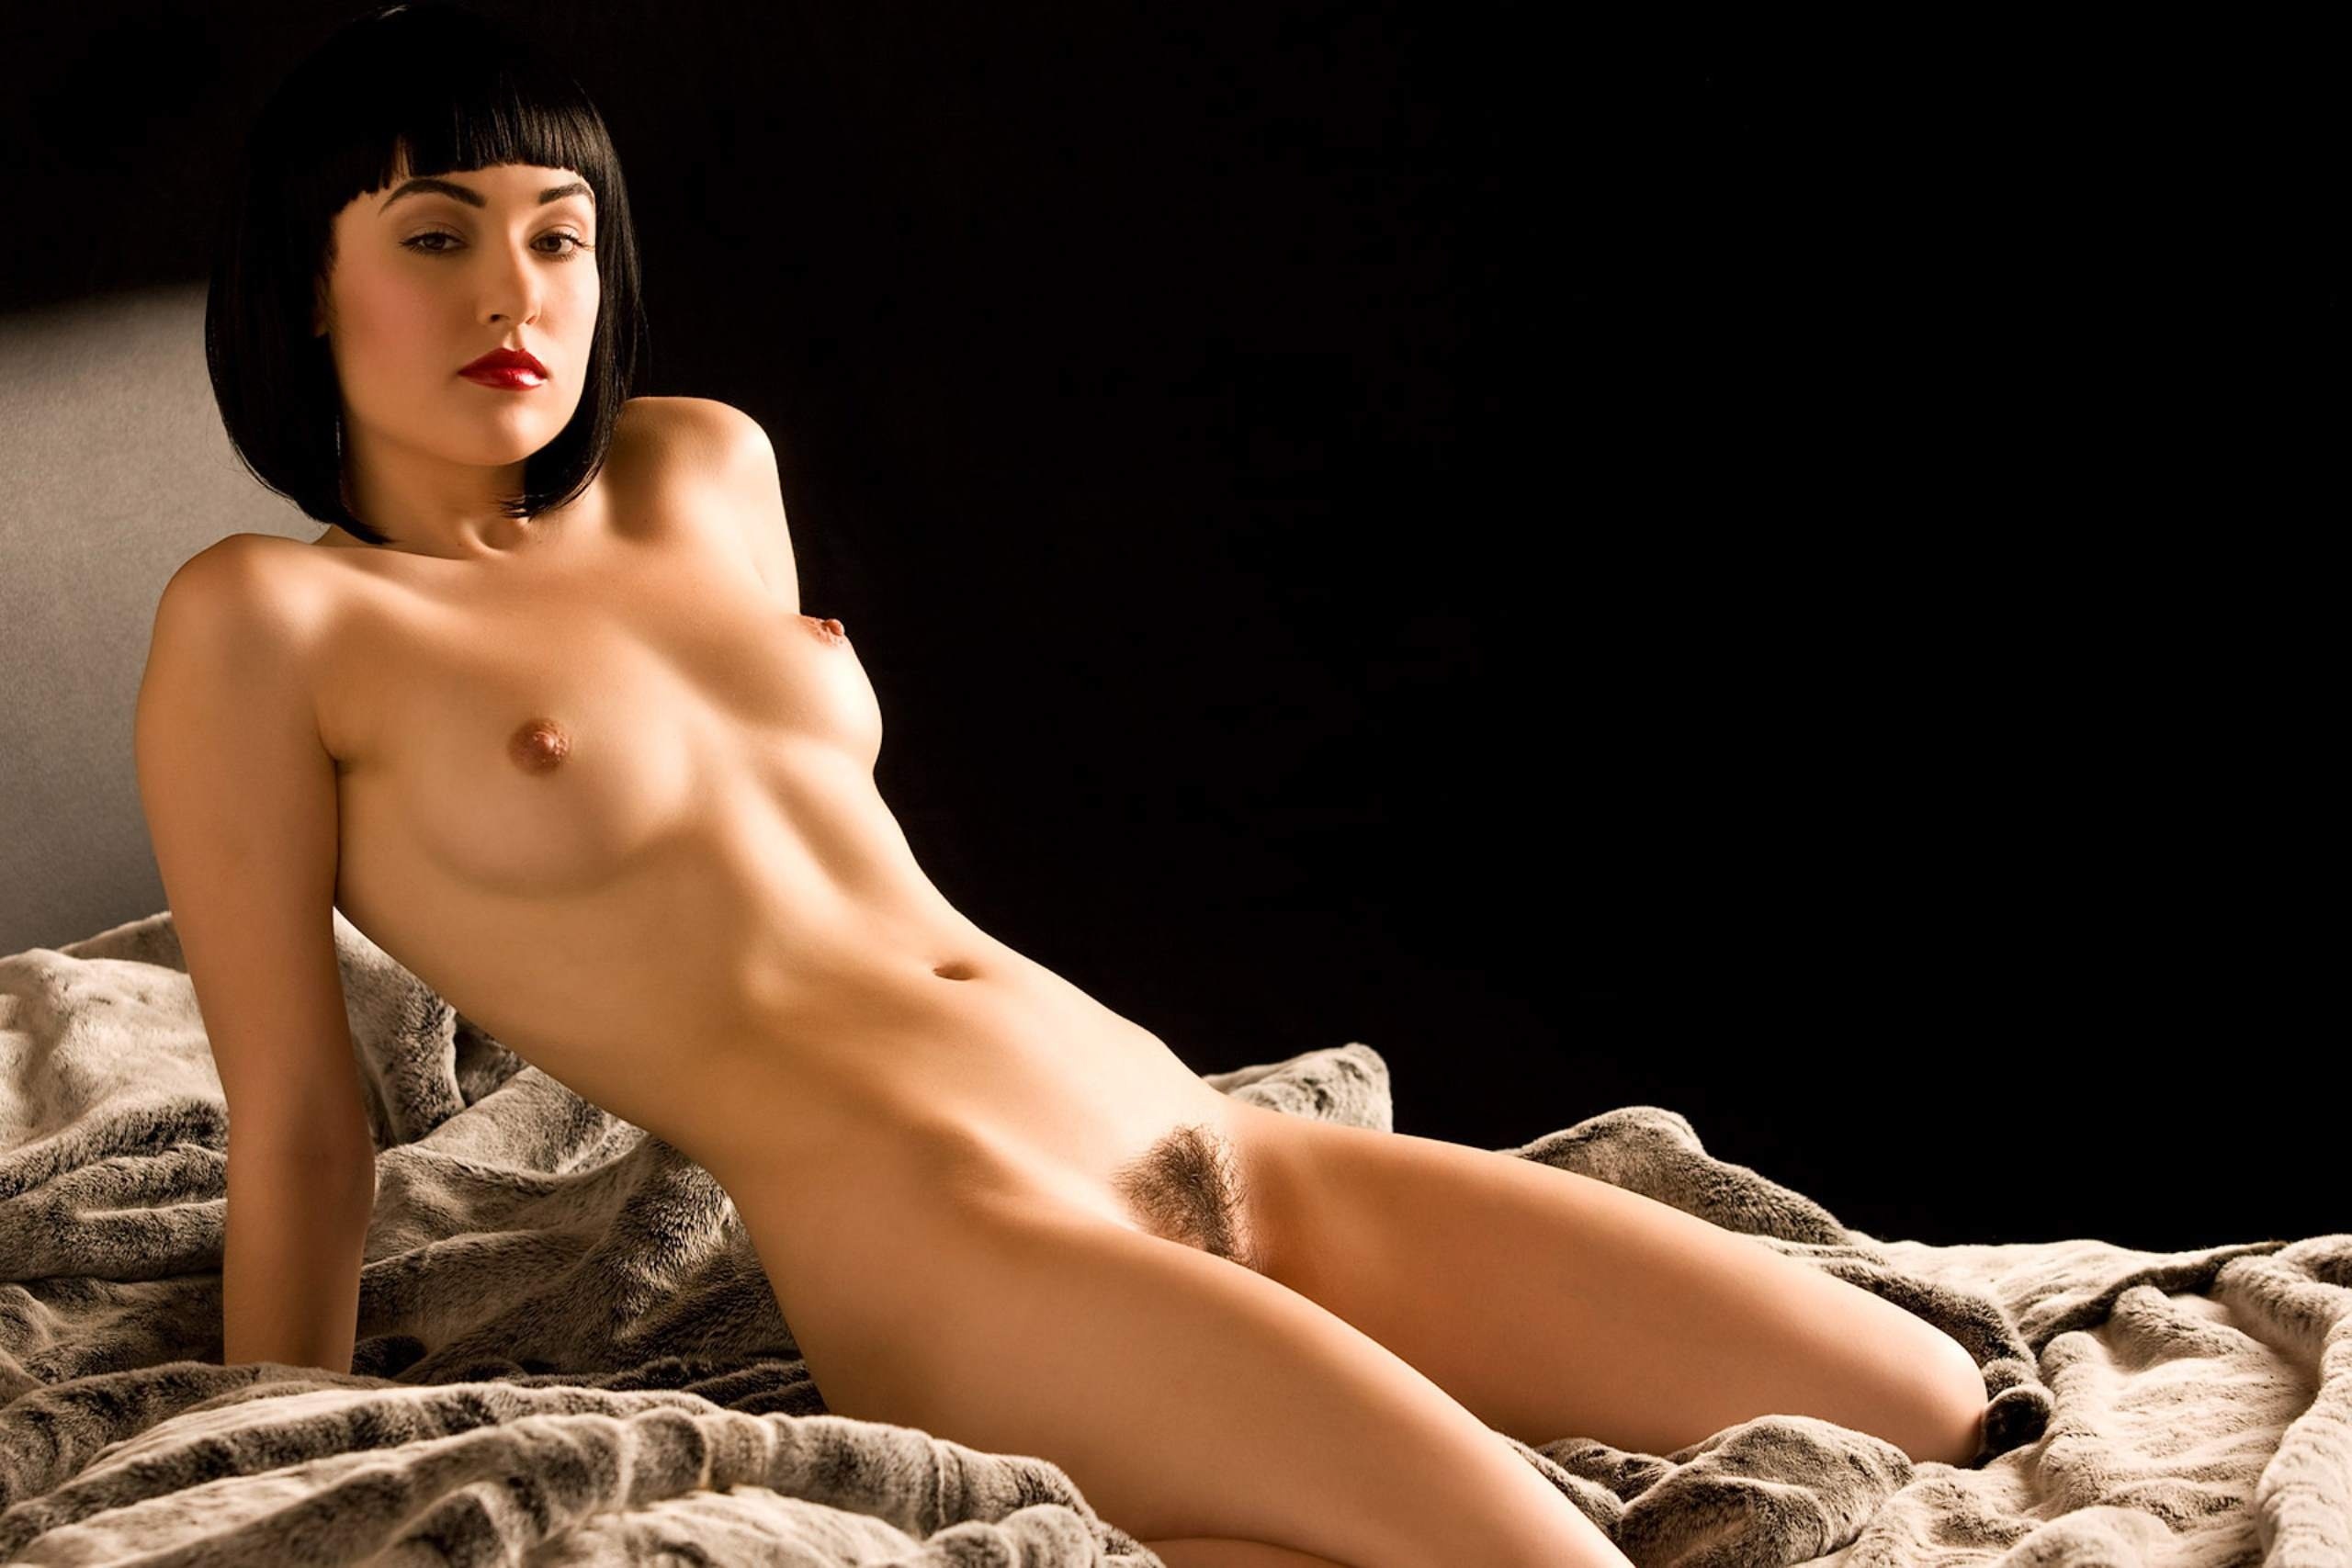 Эротического секс саша грей фото 3 фотография